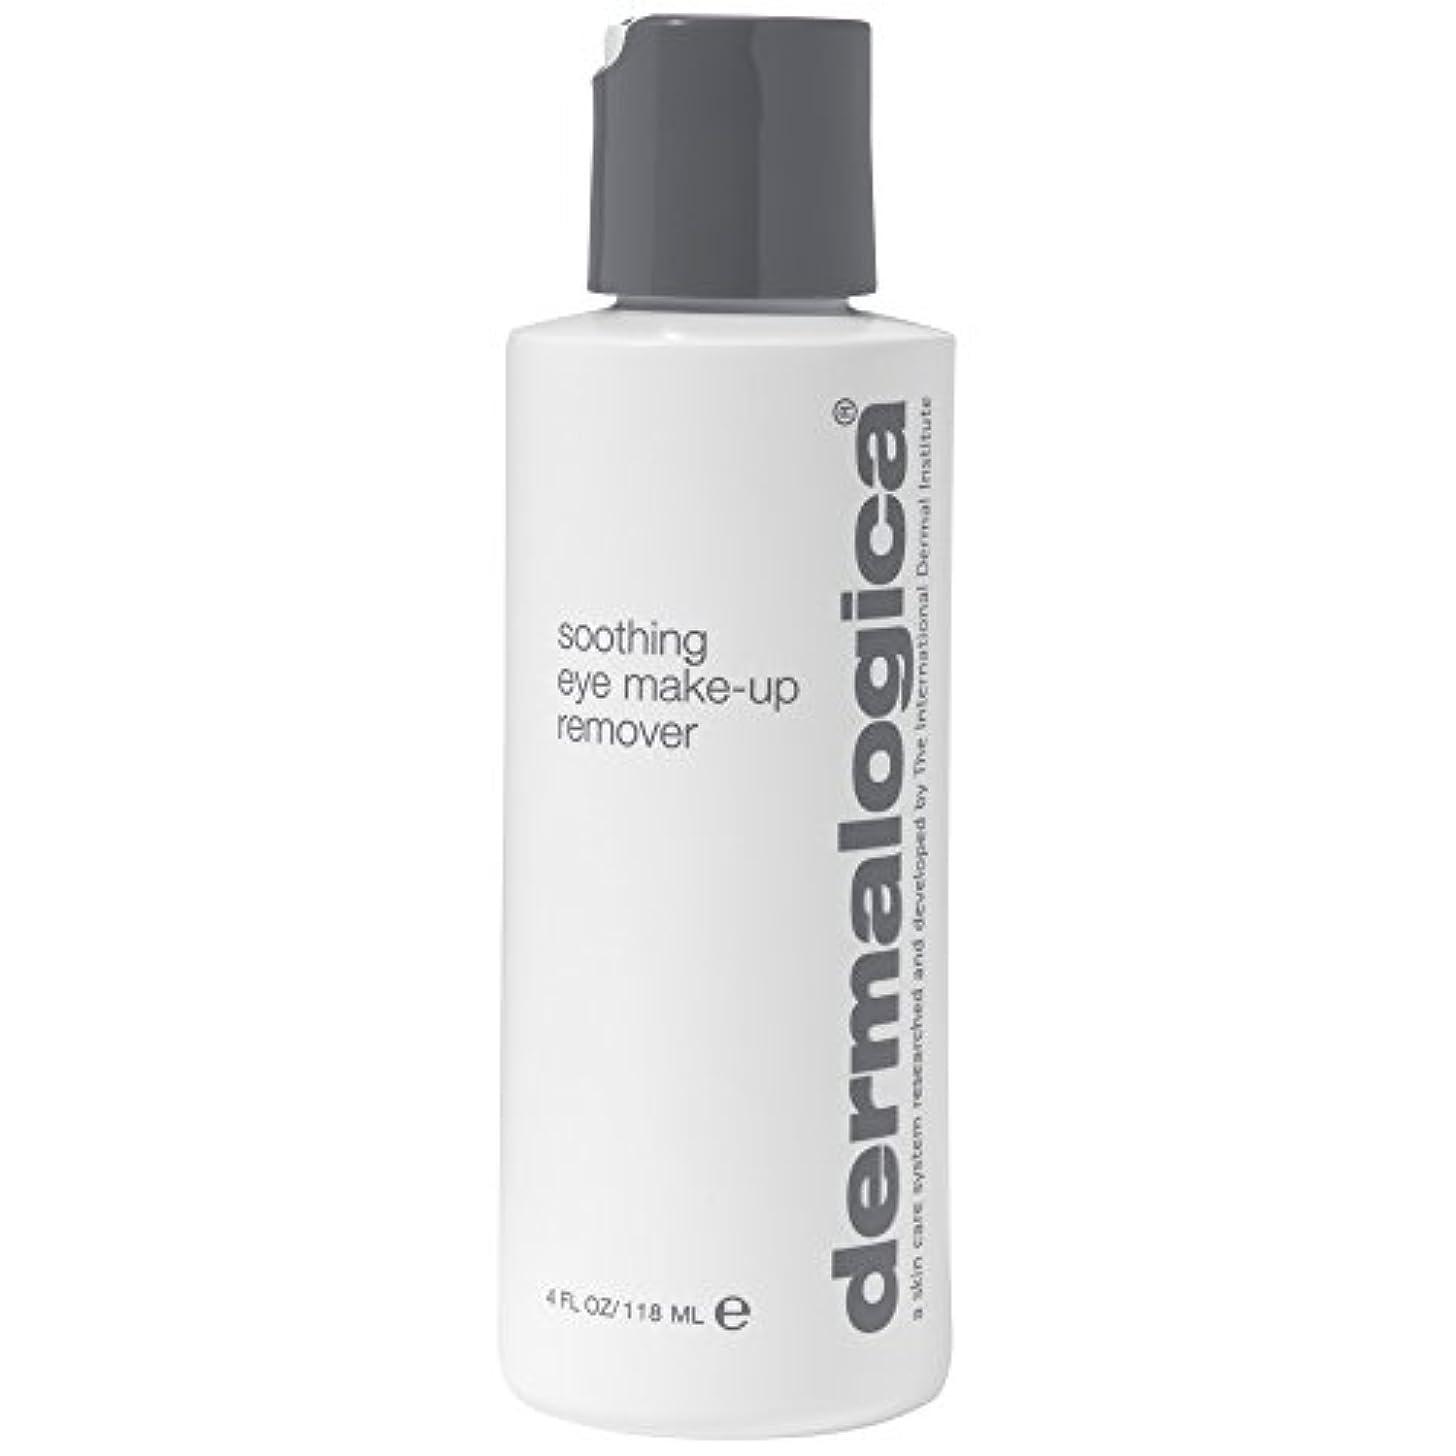 マイナス夜明けサルベージダーマロジカなだめるアイメイクアップリムーバーの118ミリリットル (Dermalogica) - Dermalogica Soothing Eye Makeup Remover 118ml [並行輸入品]